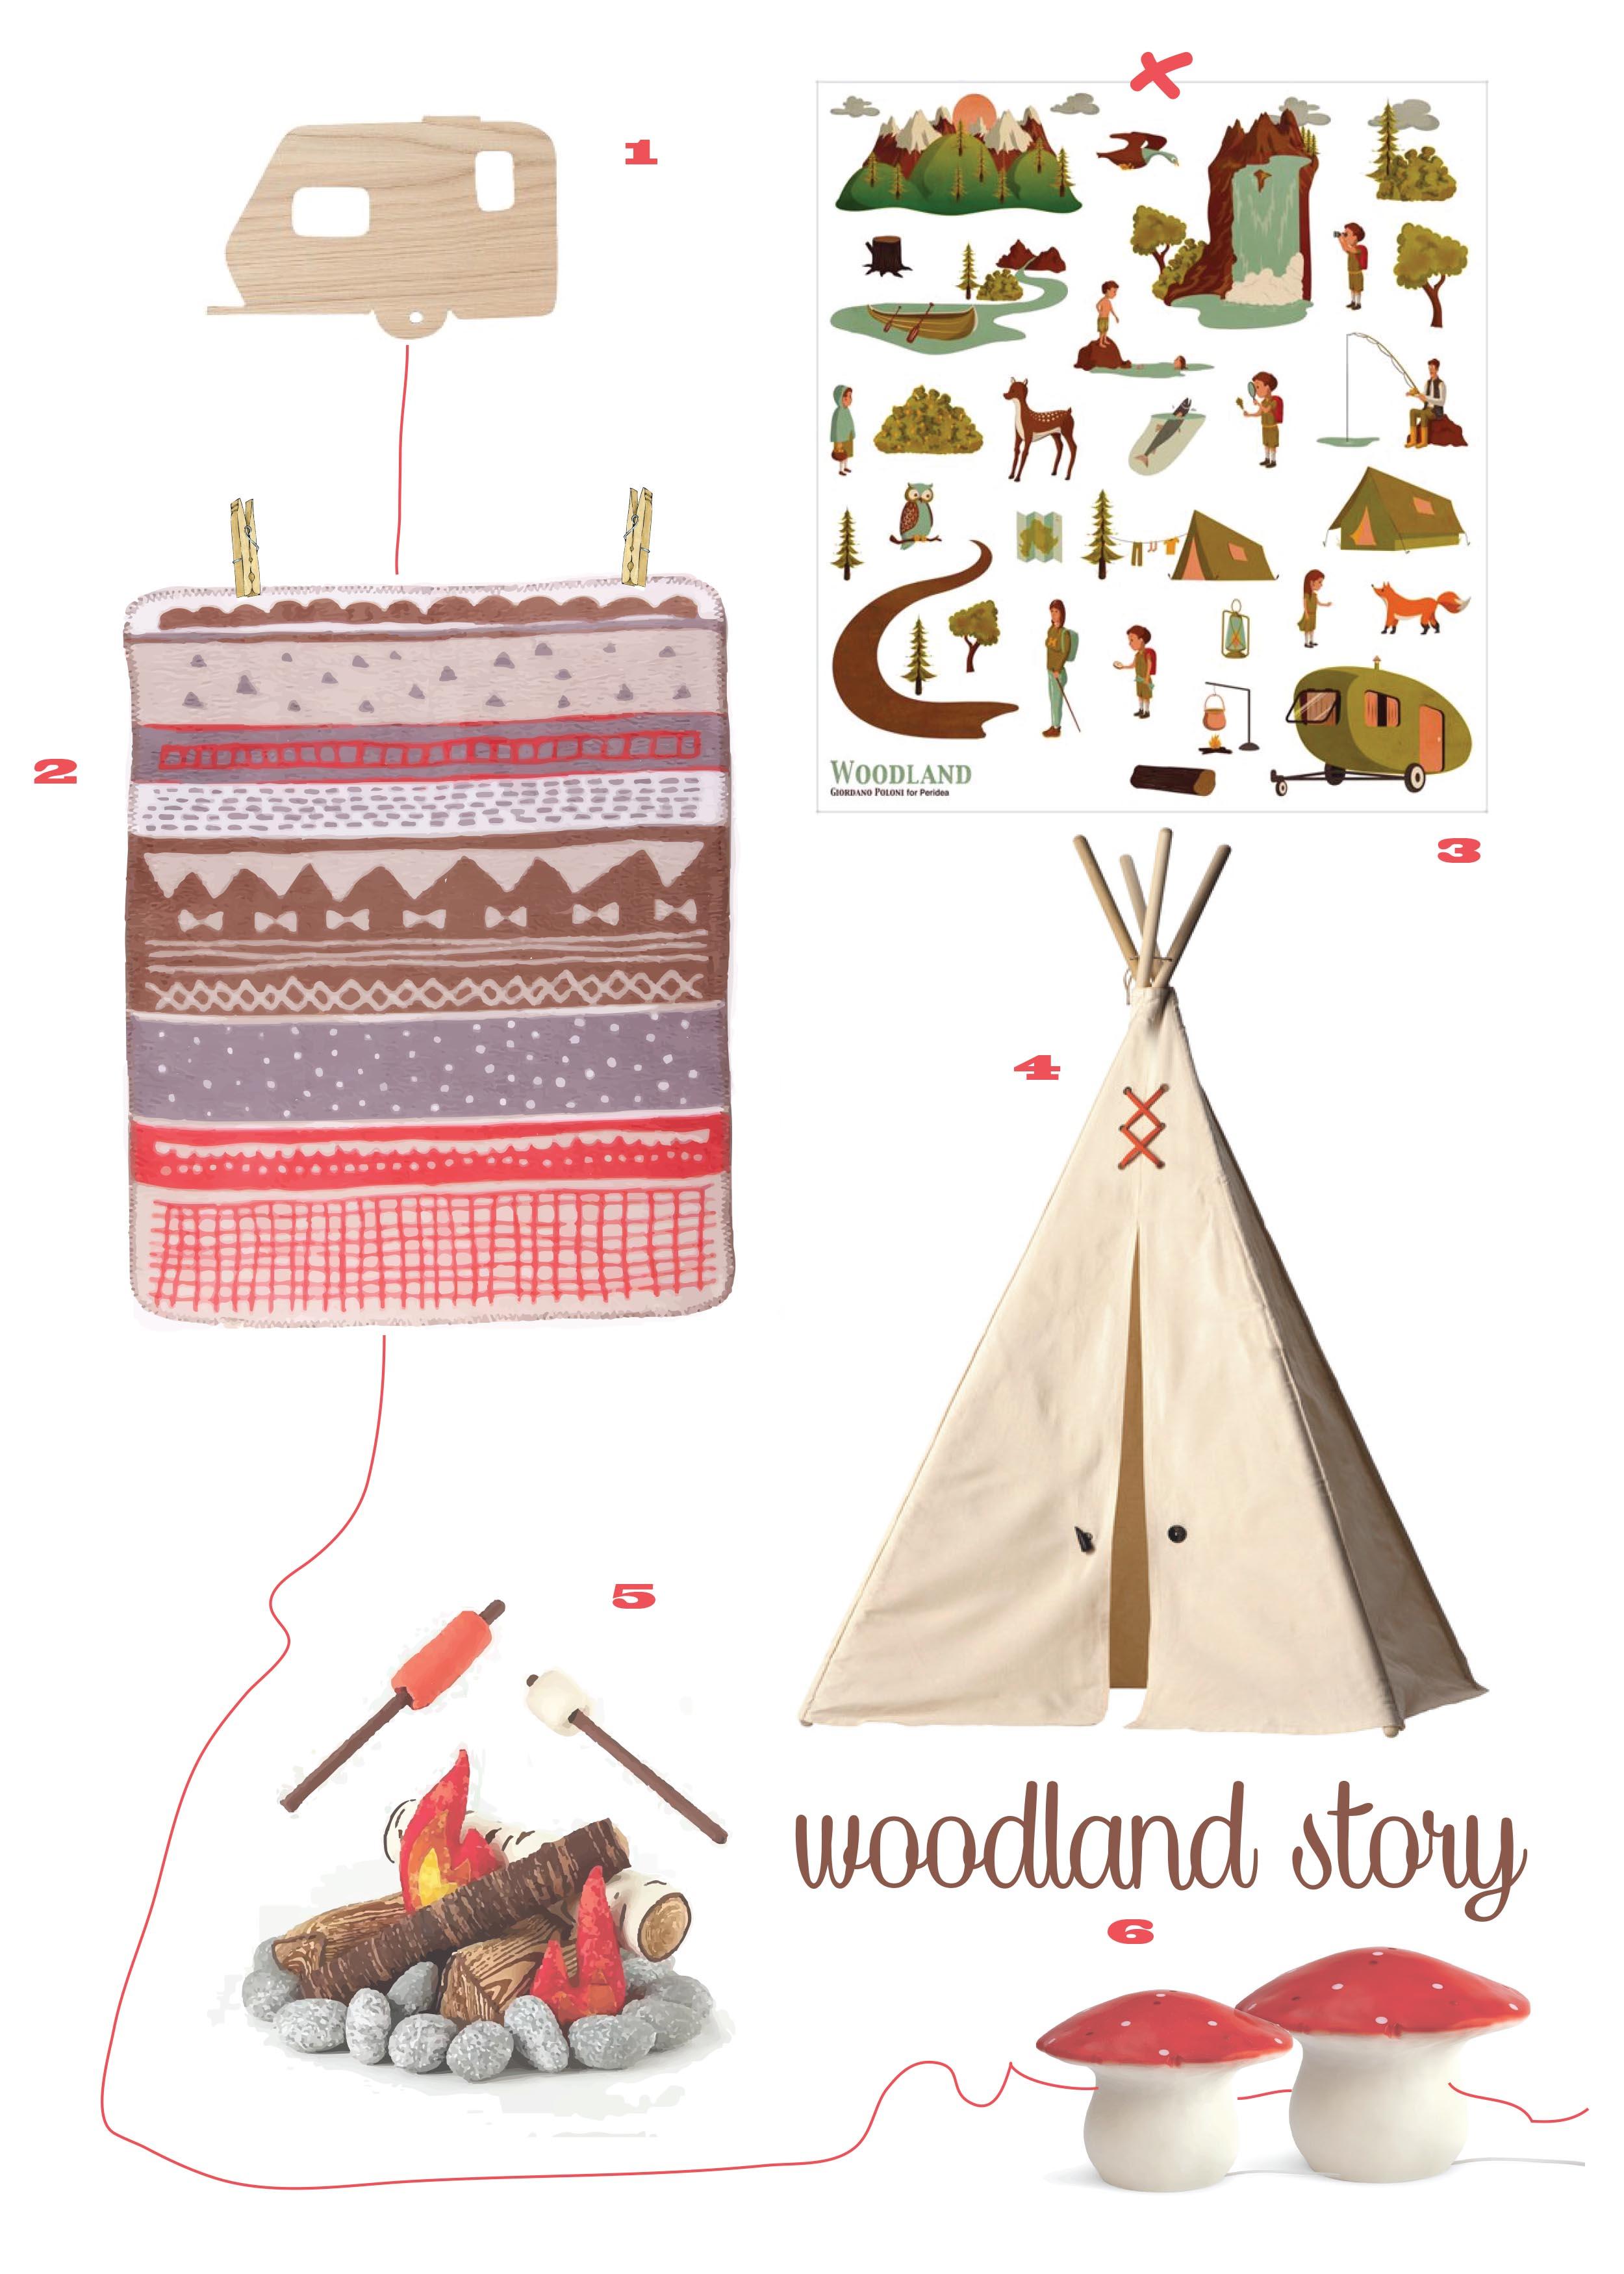 woodland story